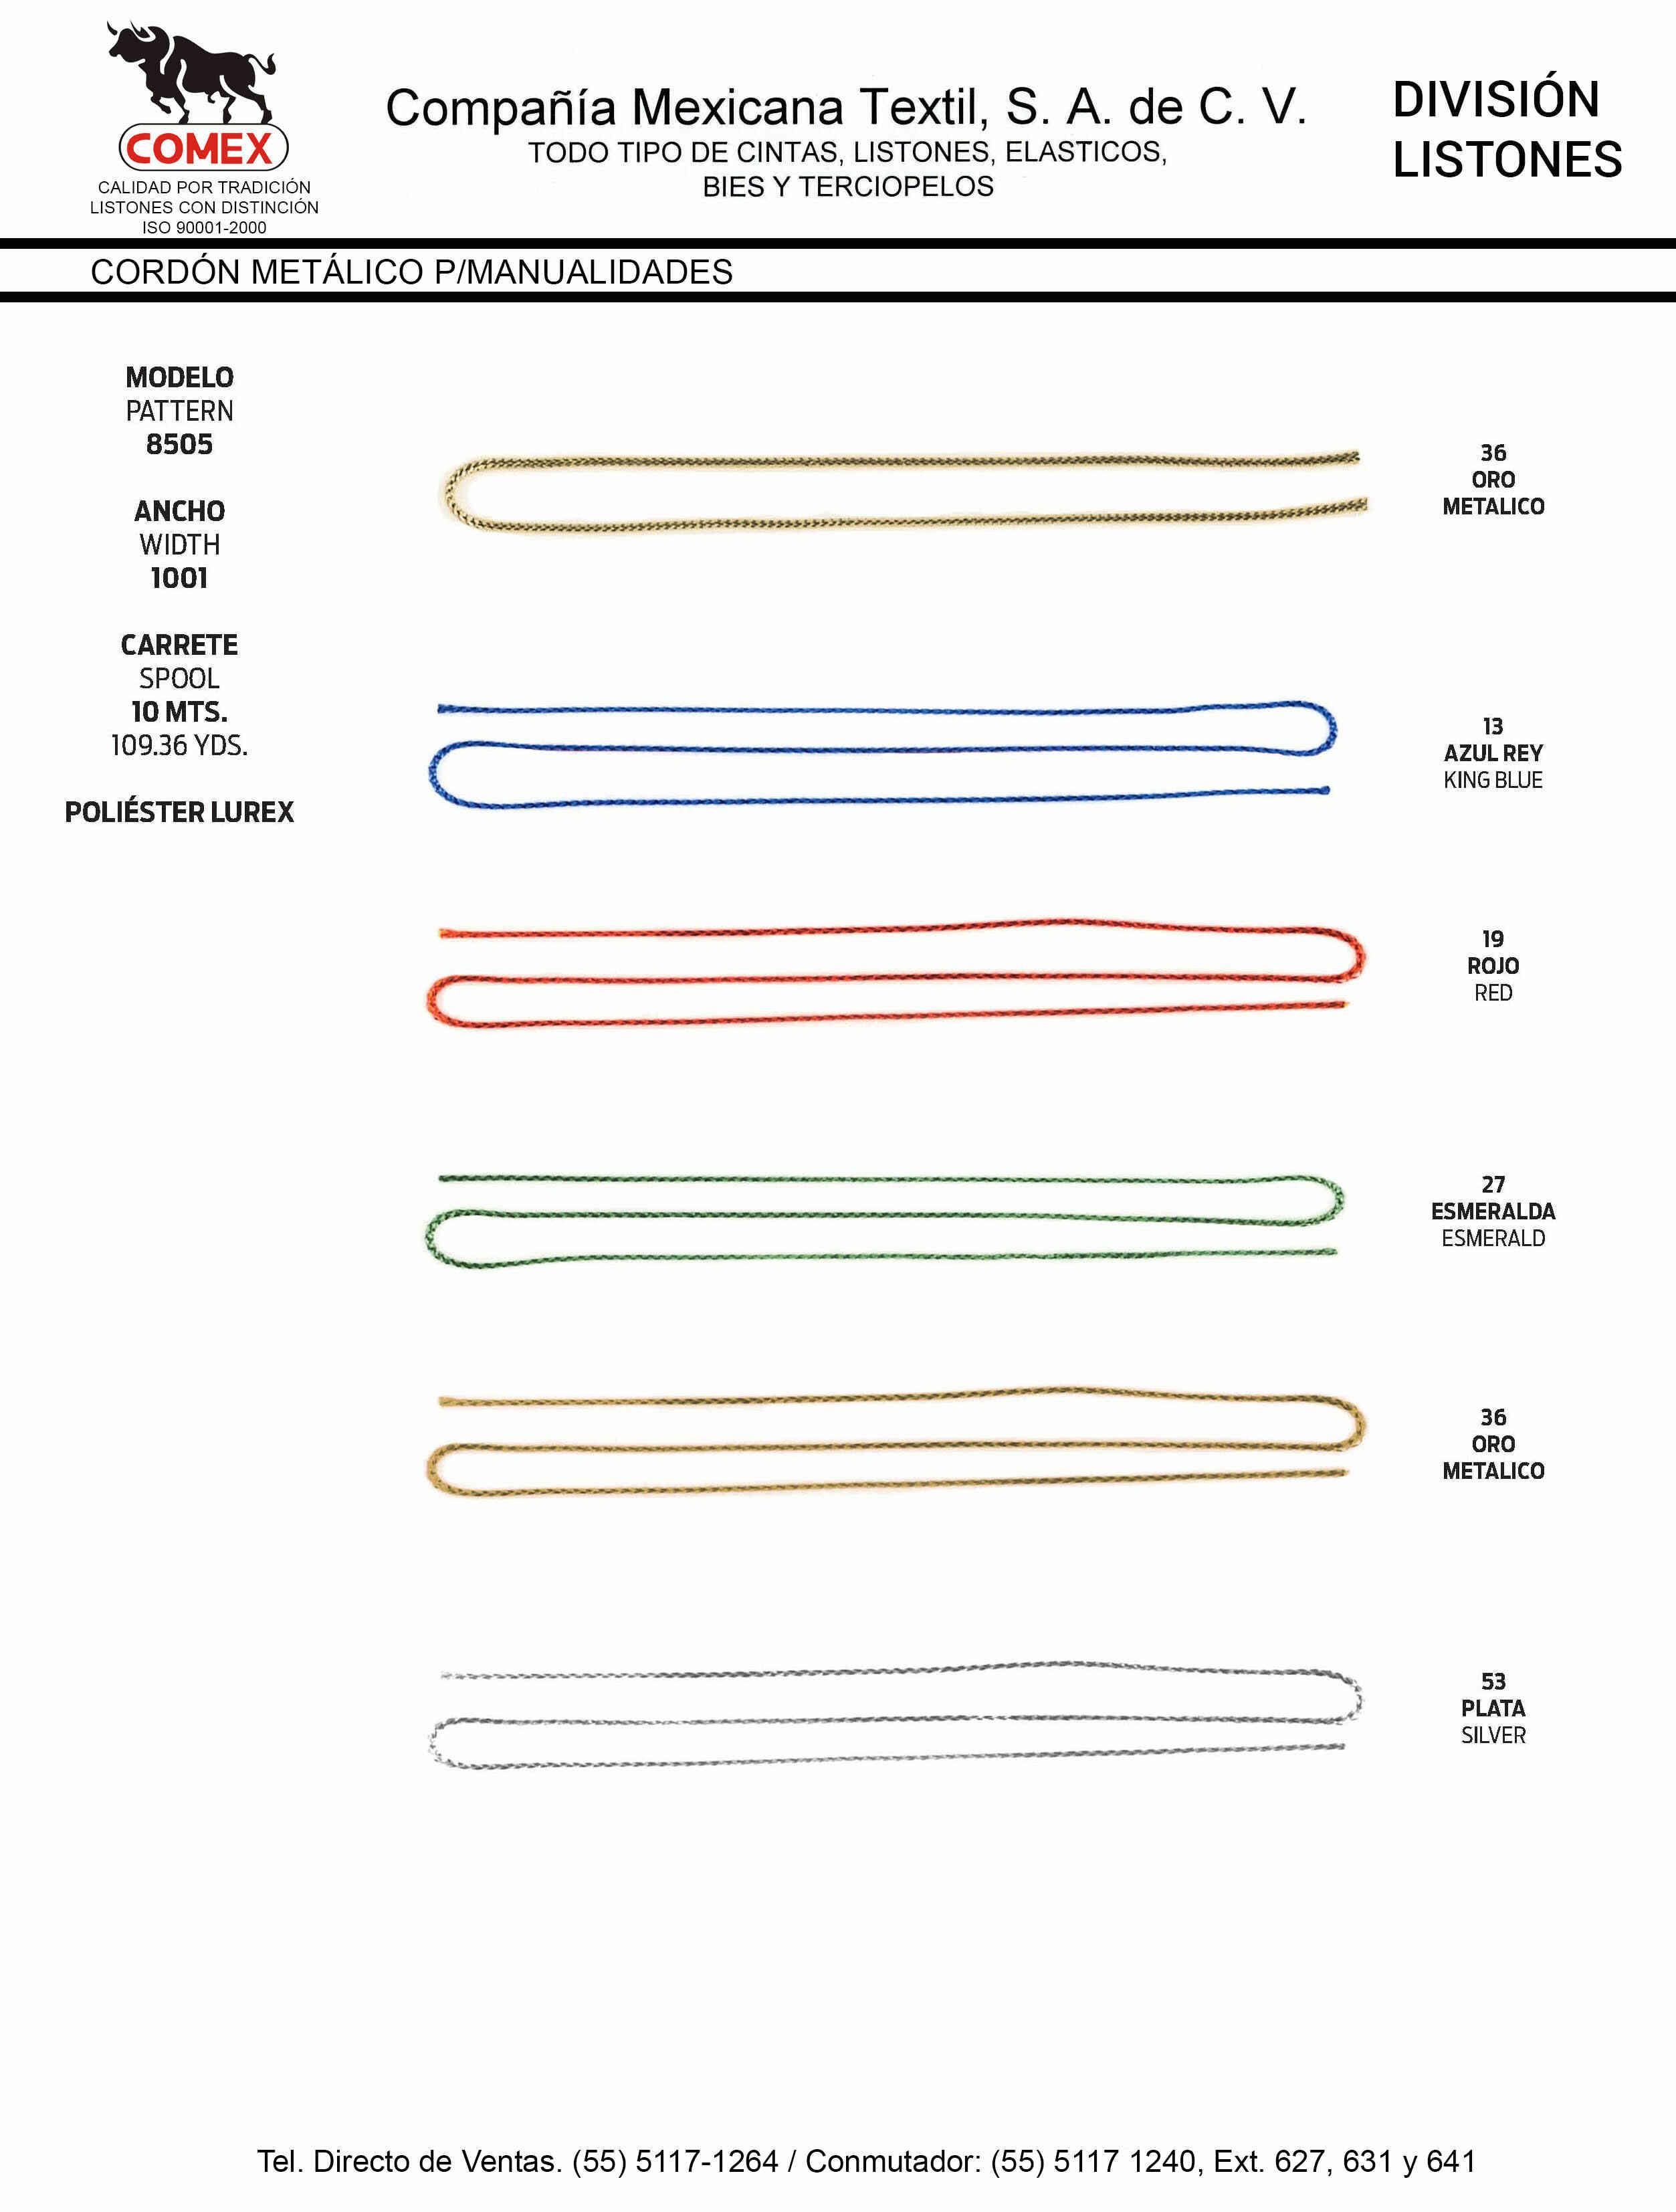 Anchos y Colores de Liston Mod.8505 100.00 Mt.